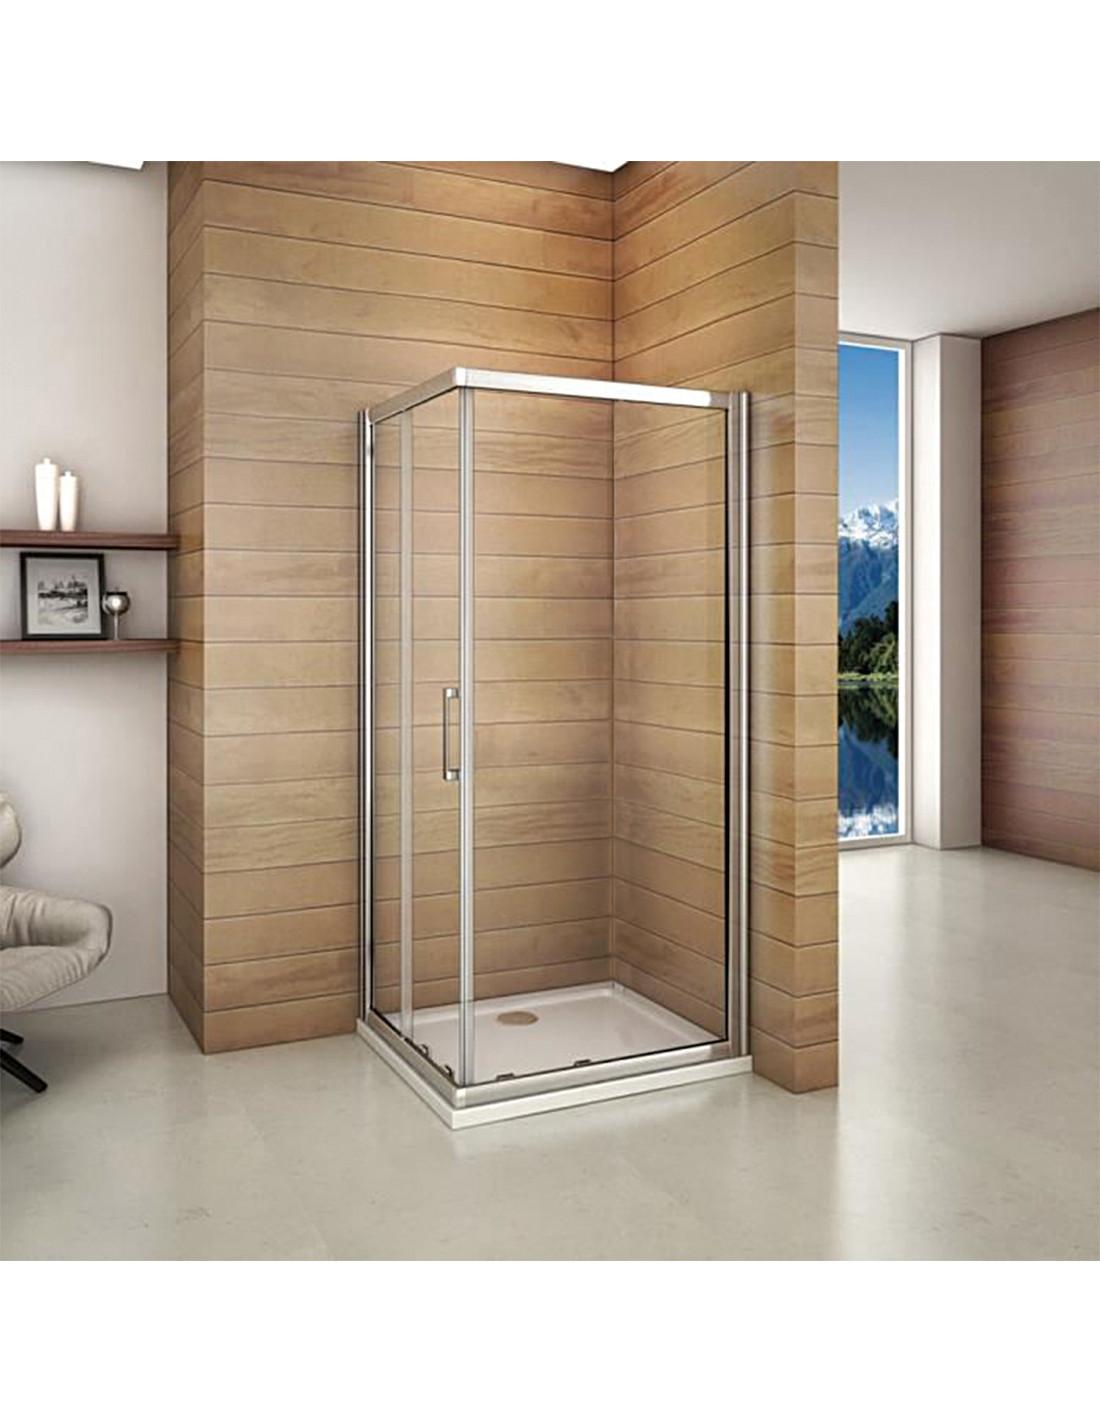 Paroi de douche d 39 angle avec porte coulissante 90 x 90 x cm hyper brico - Porte de douche d angle coulissante ...